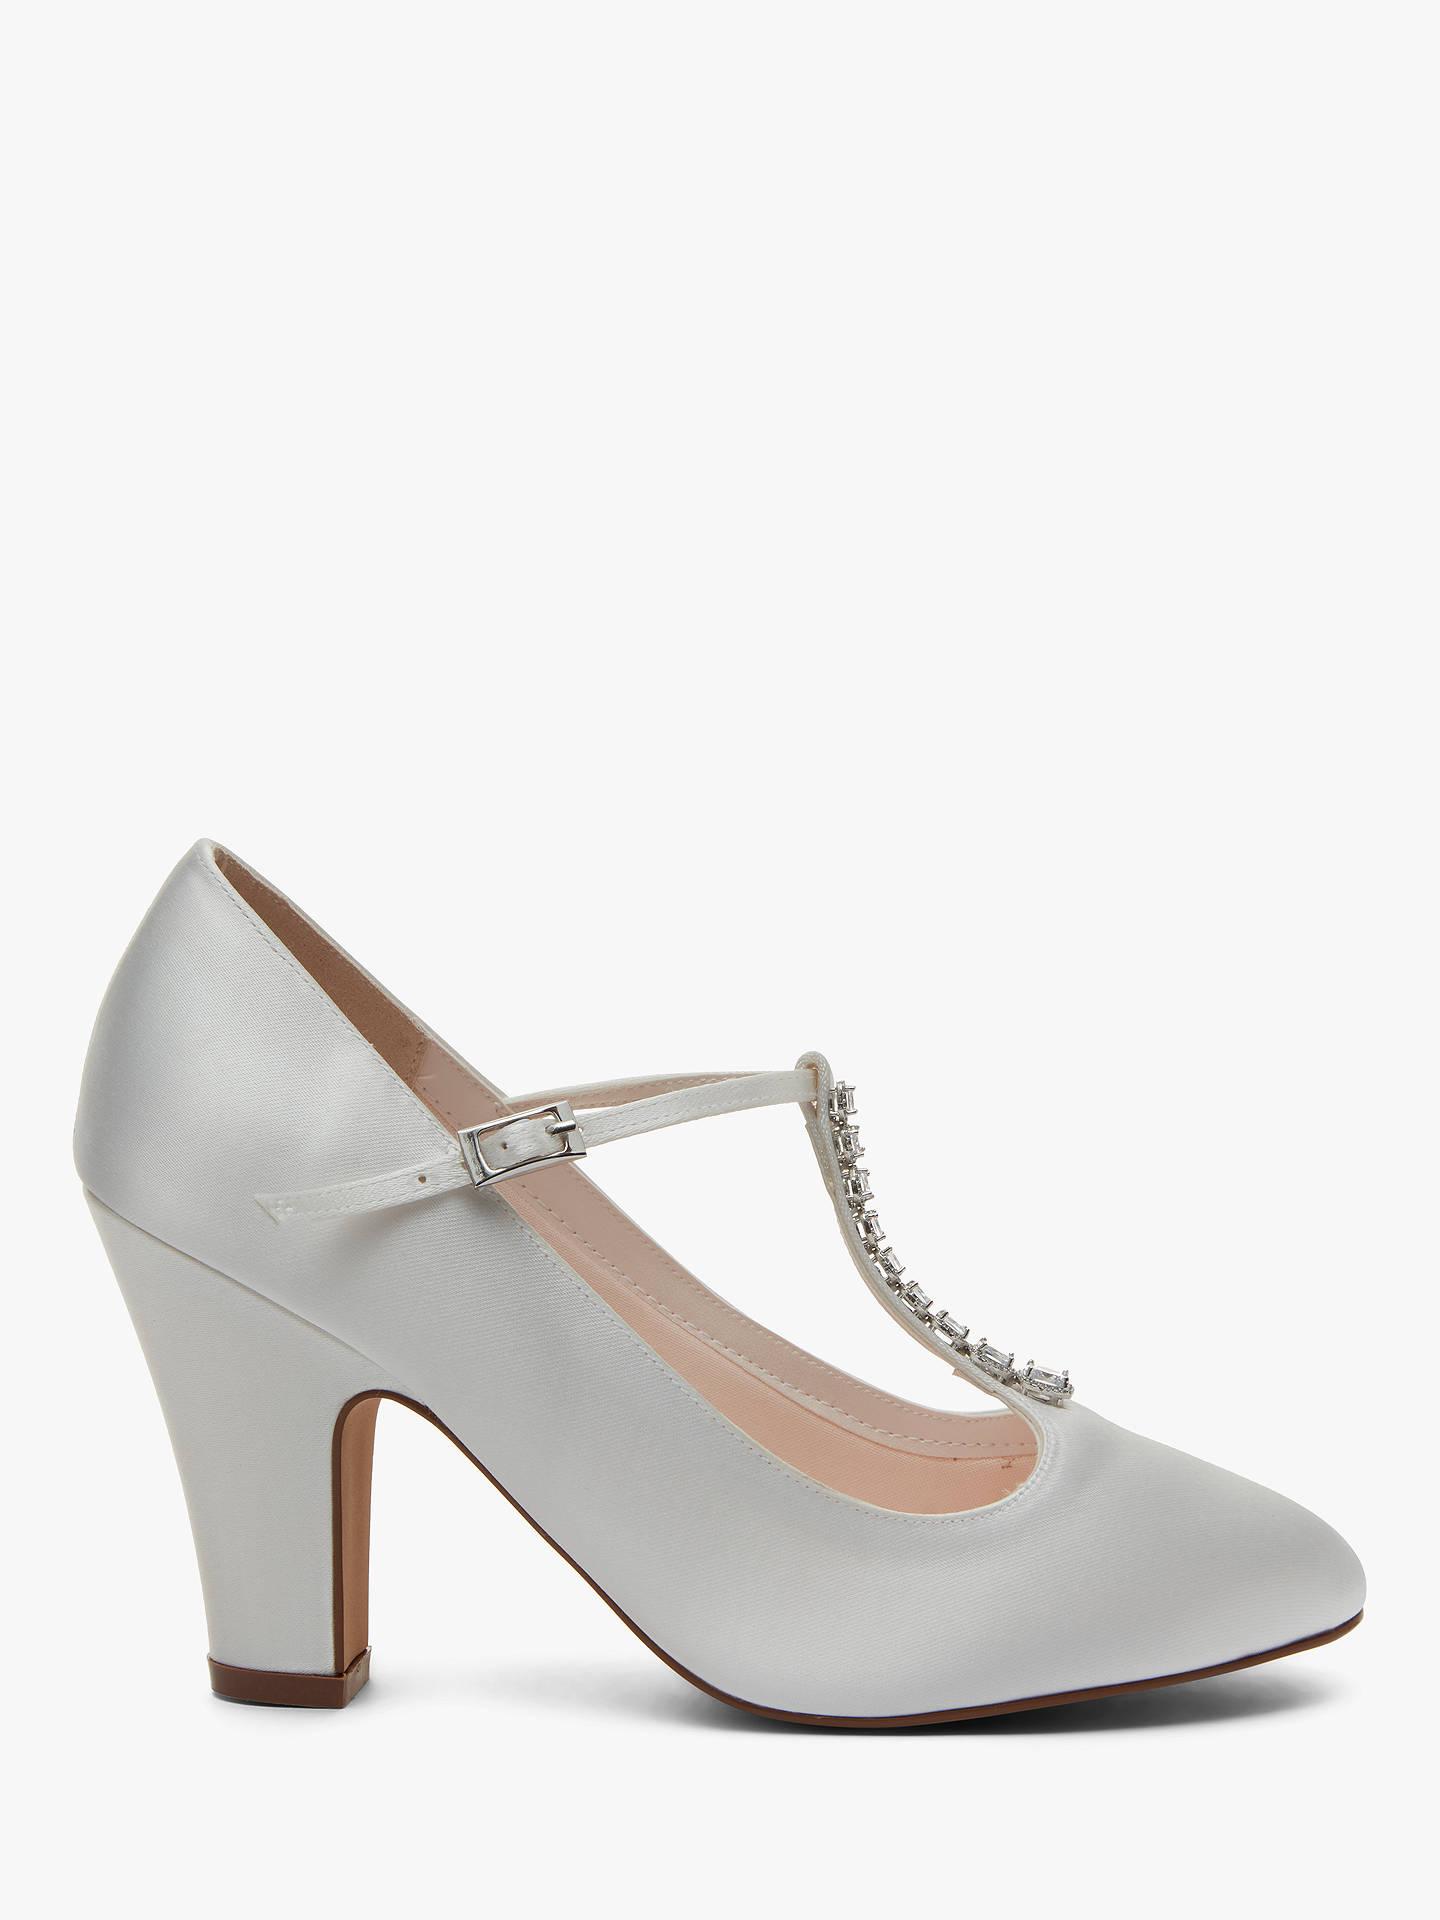 2e1af8bcb84 Buy Rainbow Club Frankie T-Bar Block Heel Court Shoes